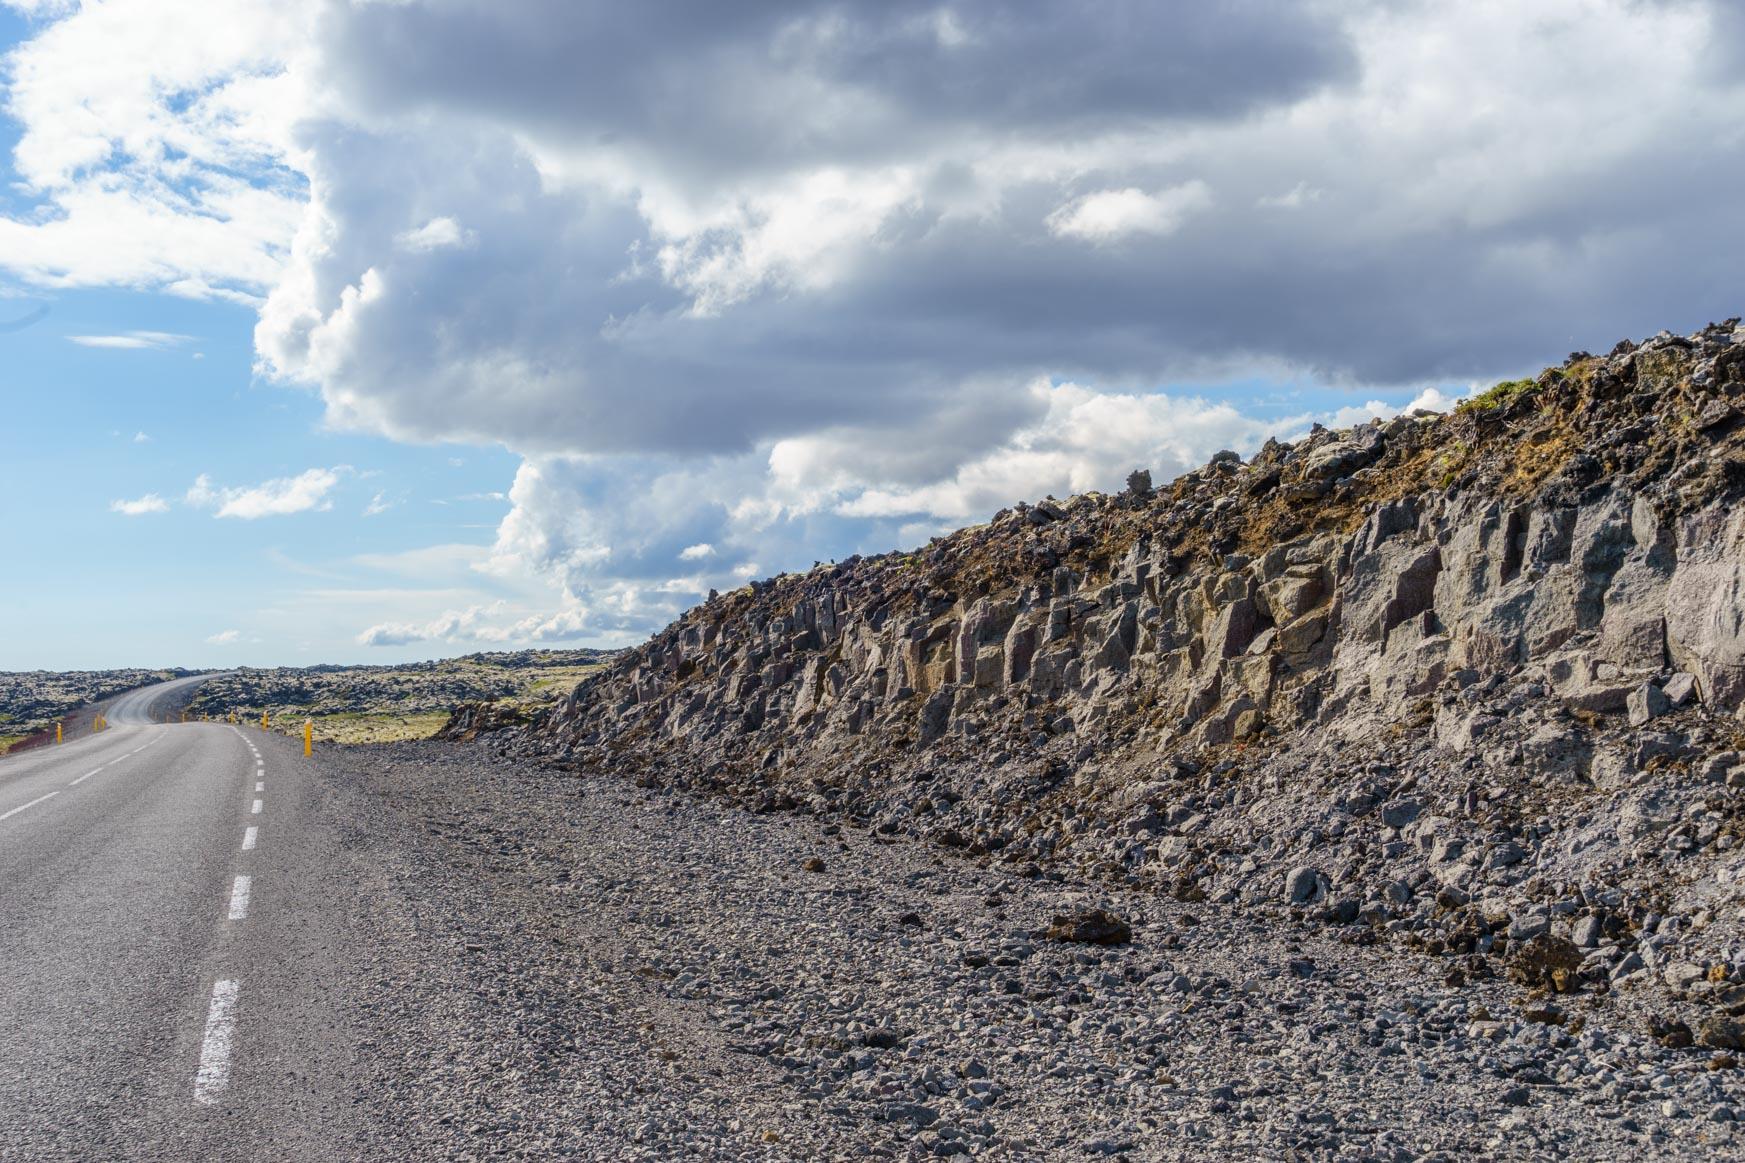 Die Straße ist in die Lava gefräst